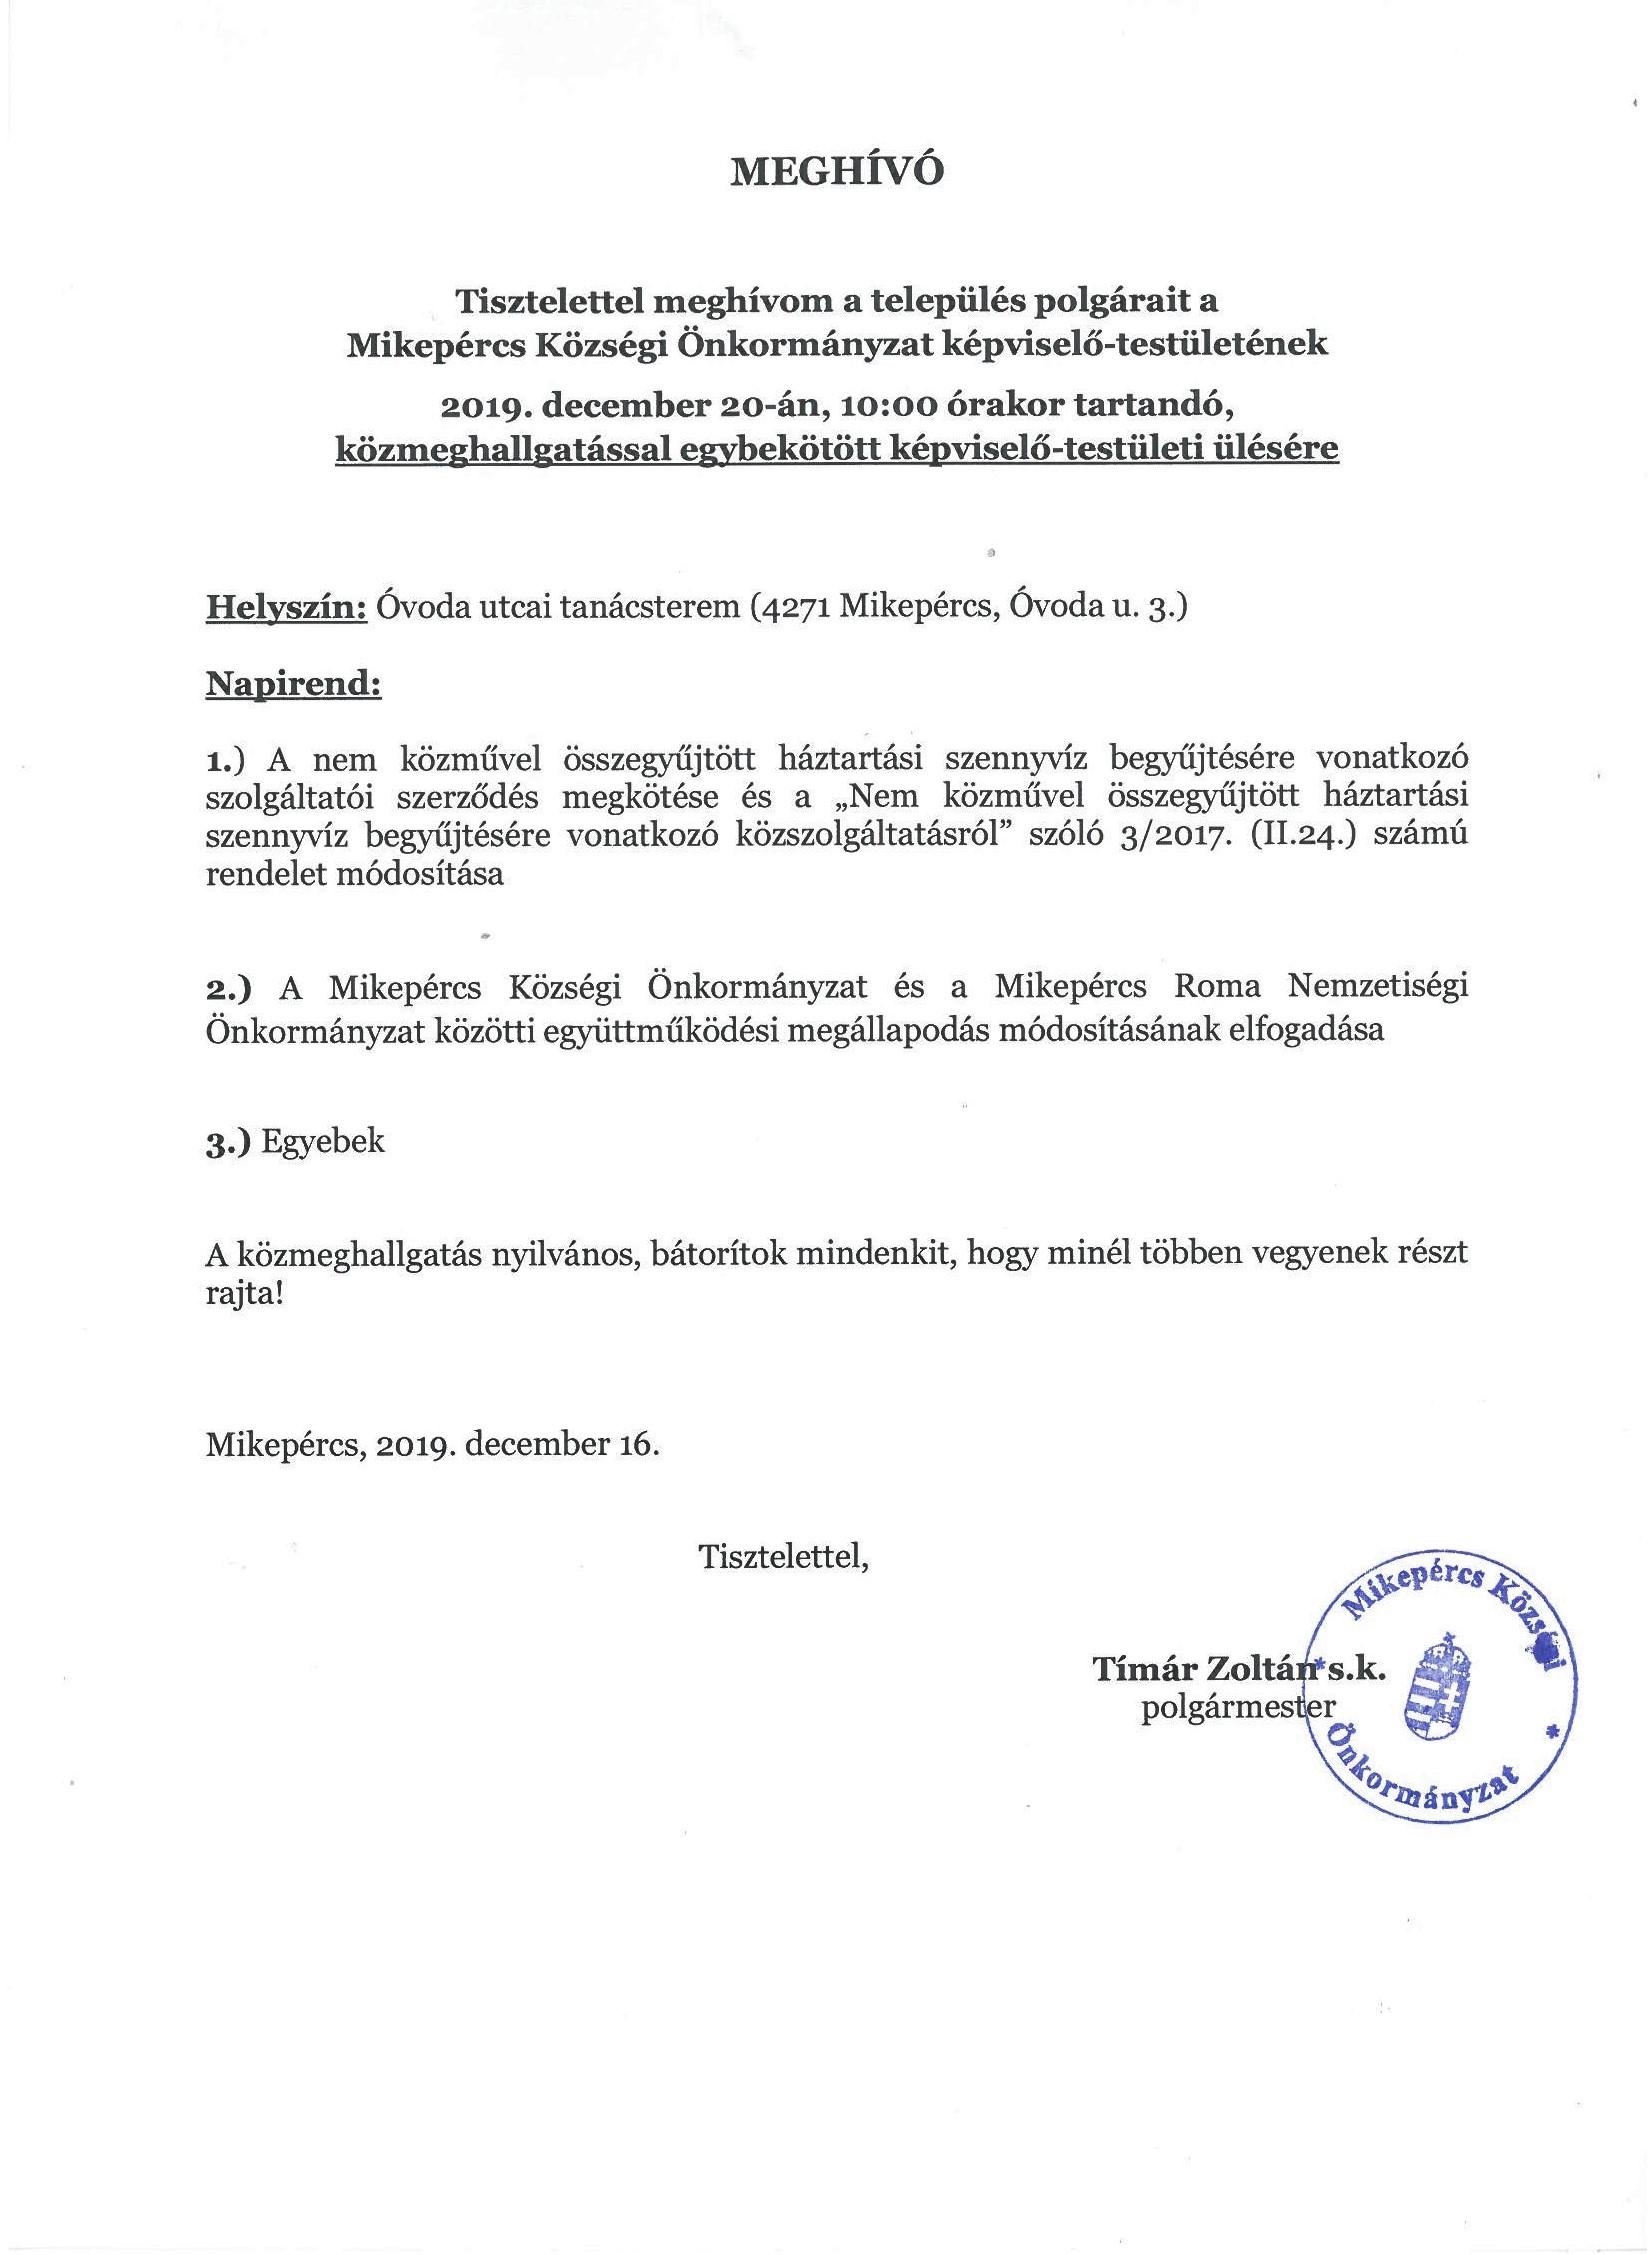 Meghívó a Mikepércs Községi Önkormányzat képviselő-testületének 2019. december 20-án, 10.00 órakor tartandó közmeghallgatással egybekötött képviselő-testületi ülésére